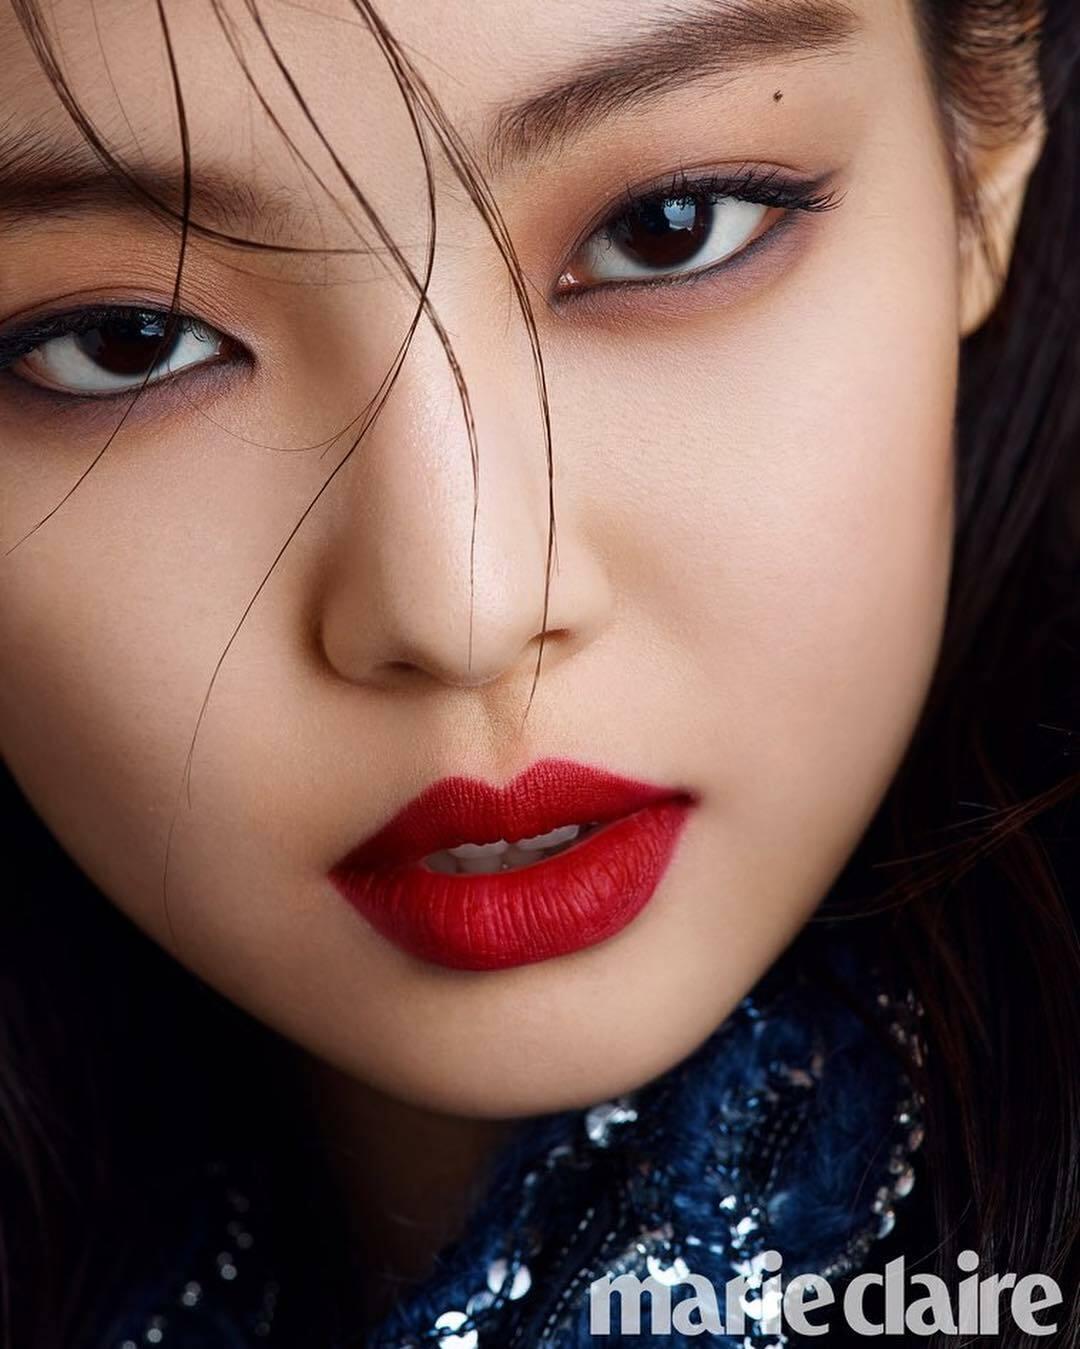 Đôi môi trái tim hoàn hảo cùng vẻ đẹp hiện đại của thành viên Black Pink được tôn lên nhờ màu son nóng bỏng.